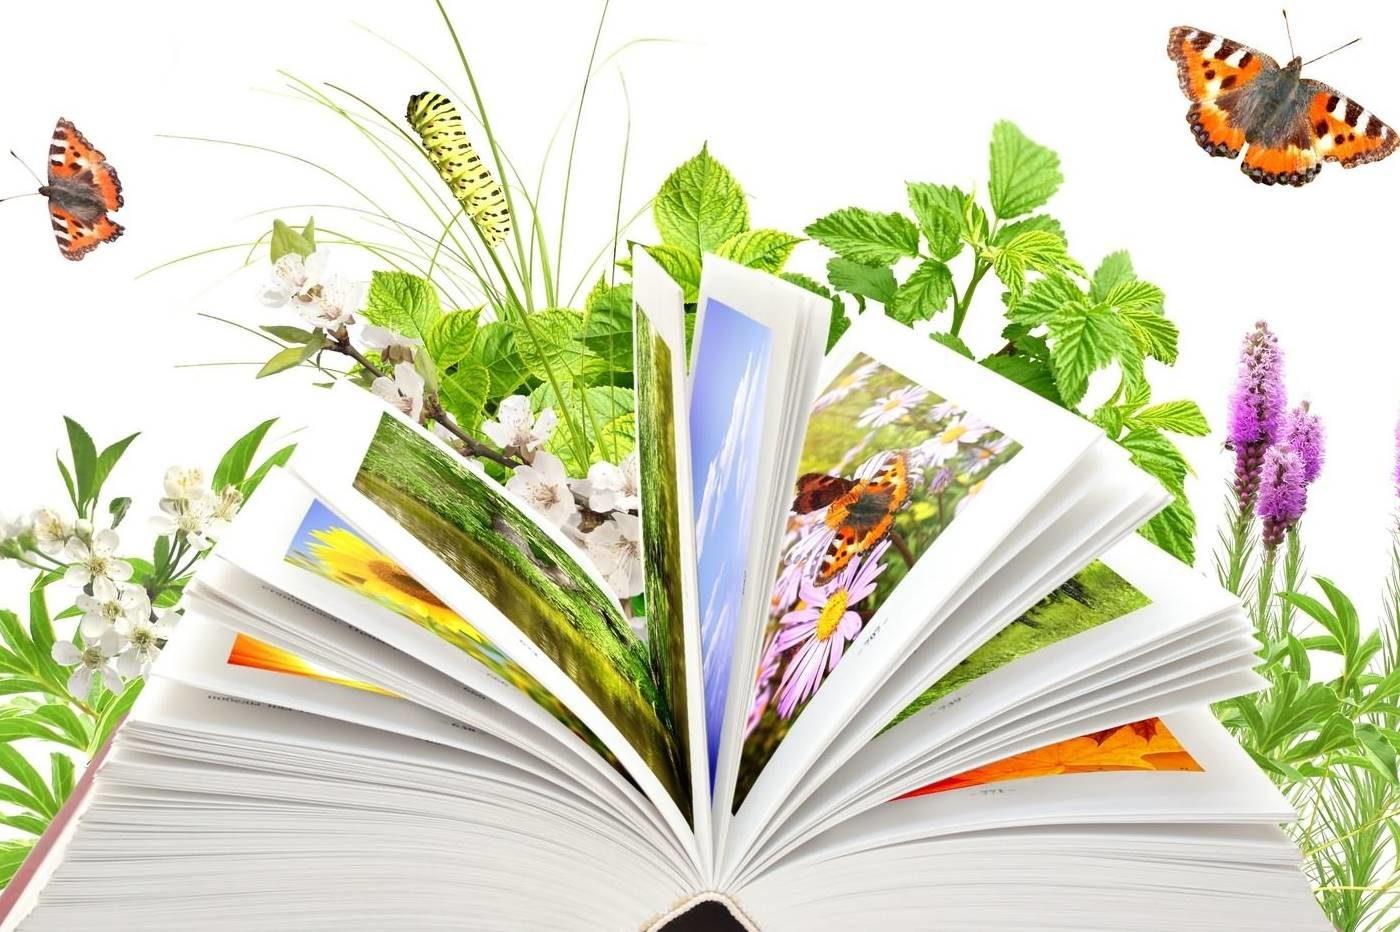 Otwarta książka. Za nią rośliny i motyle